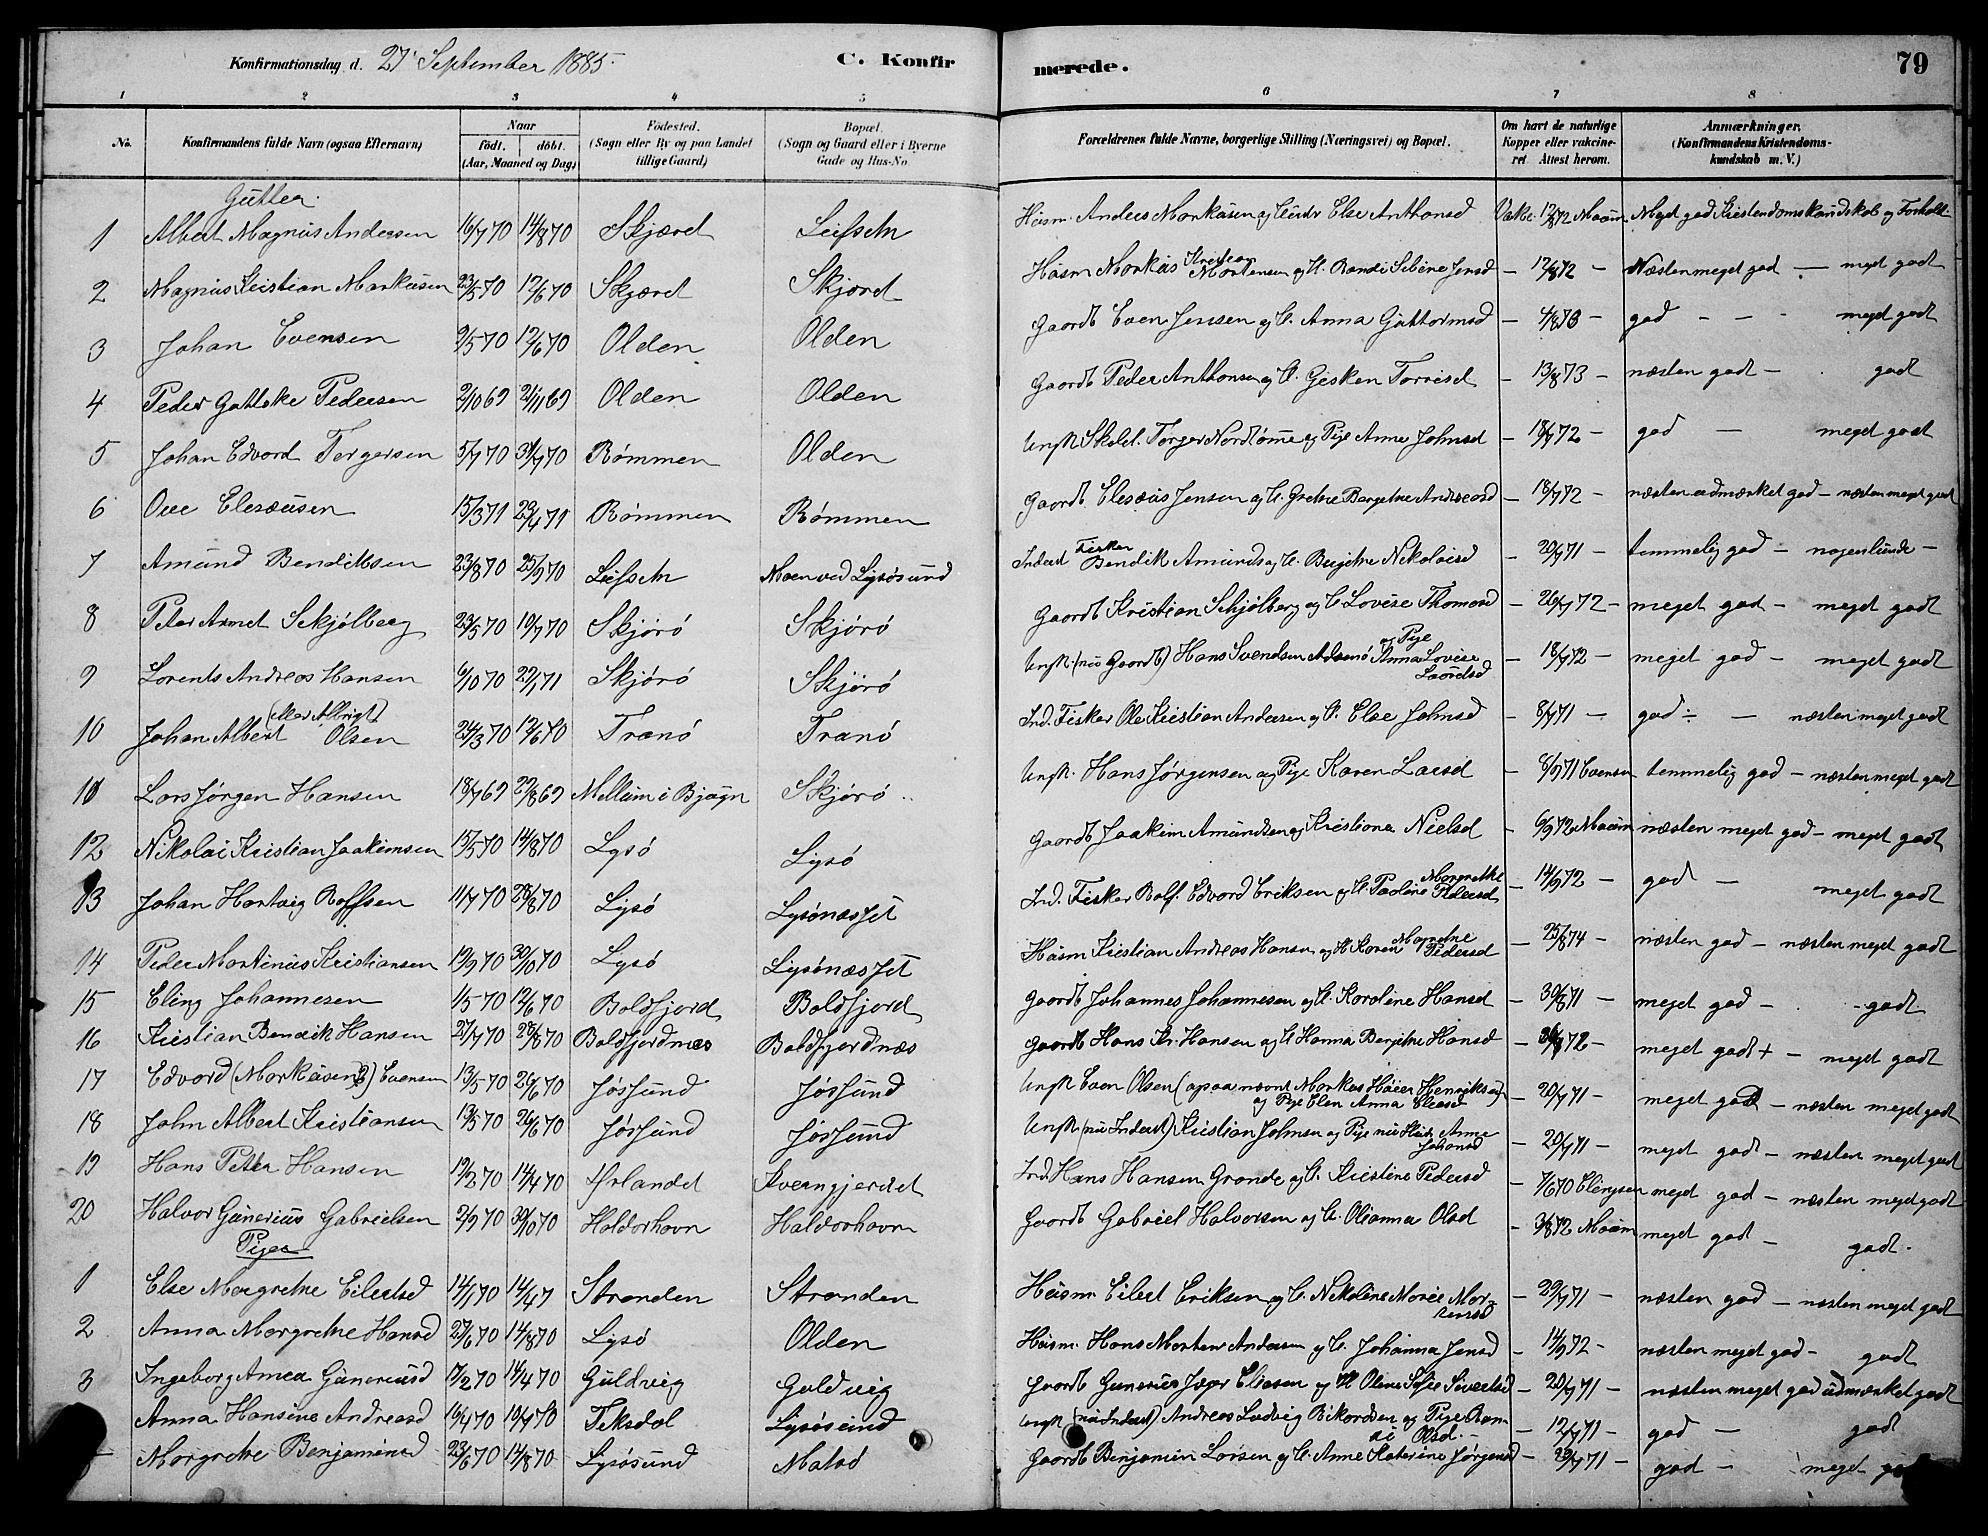 SAT, Ministerialprotokoller, klokkerbøker og fødselsregistre - Sør-Trøndelag, 654/L0665: Klokkerbok nr. 654C01, 1879-1901, s. 79